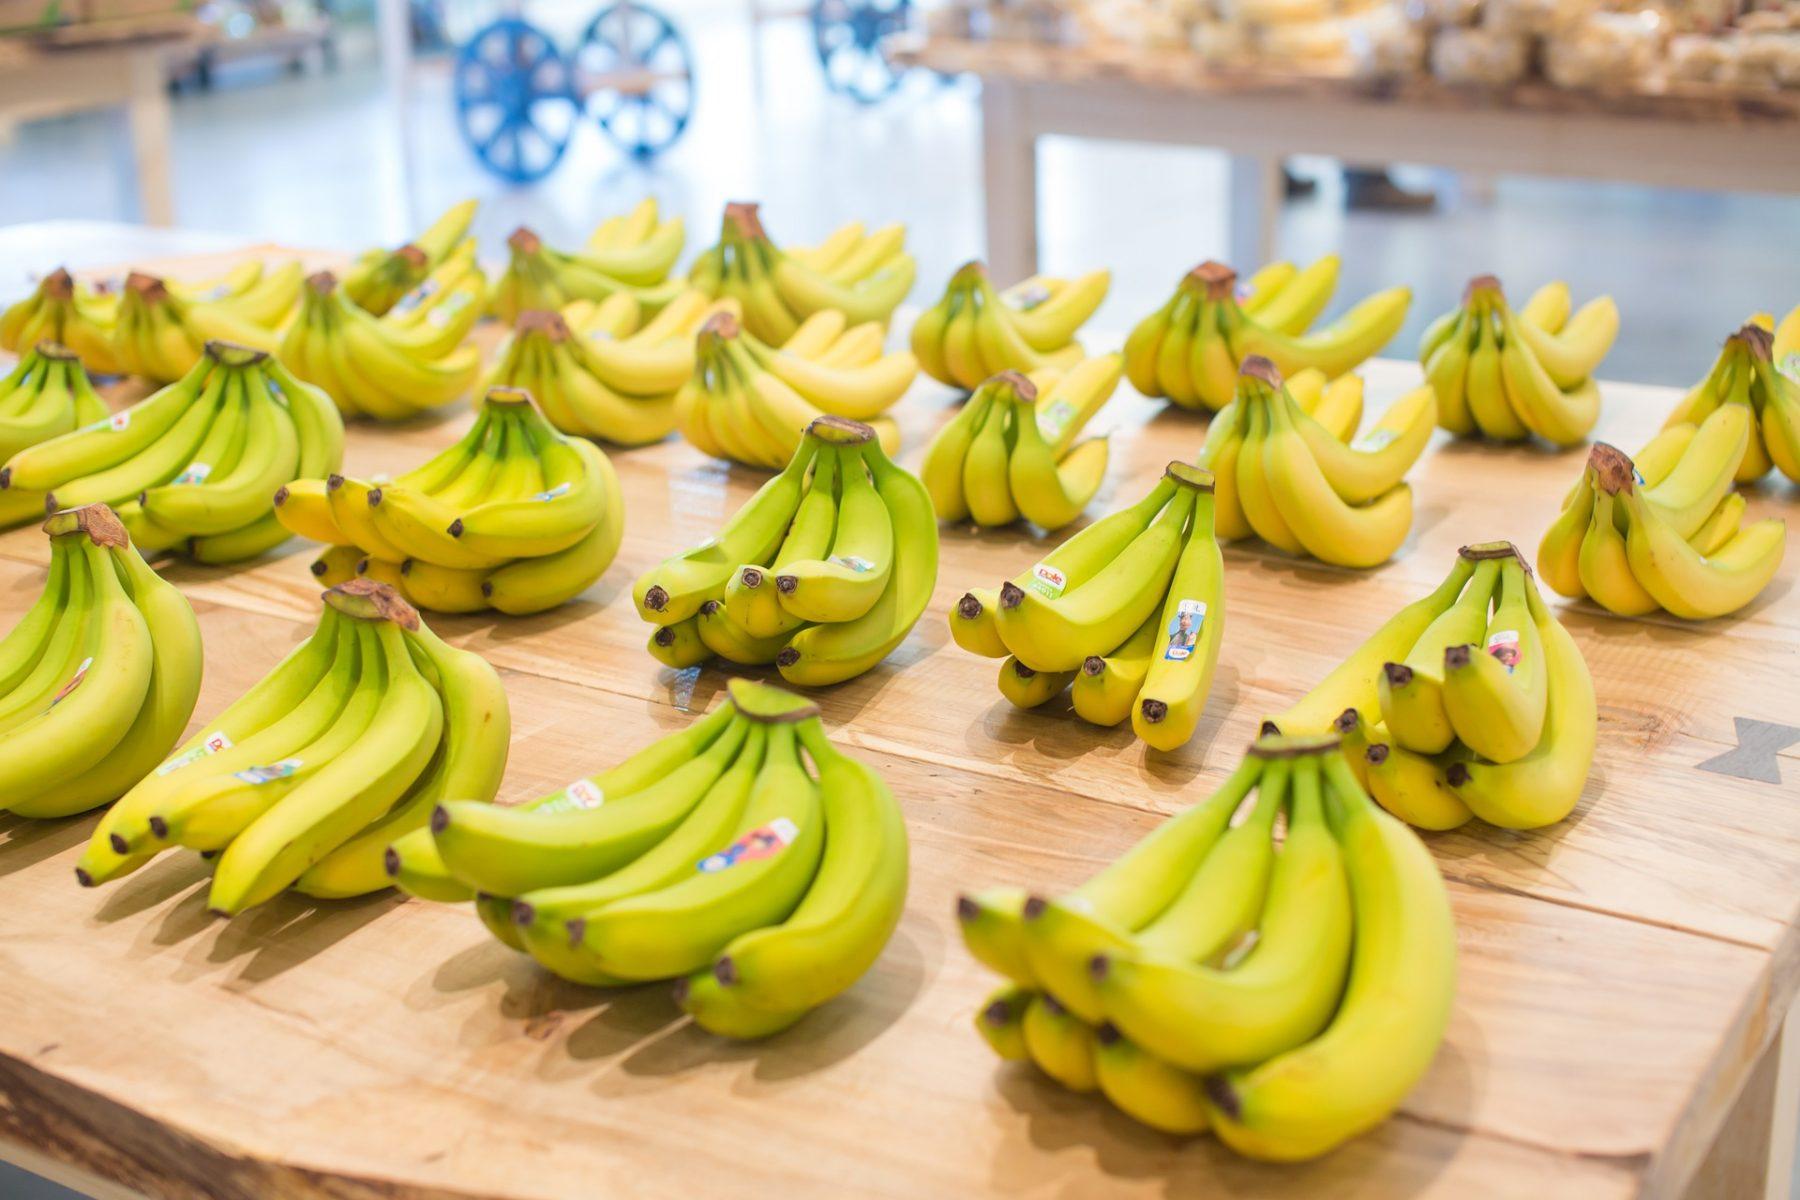 Μπανάνες tips: Πώς να διατηρήσετε τις μπανάνες φρέσκες περισσότερο;